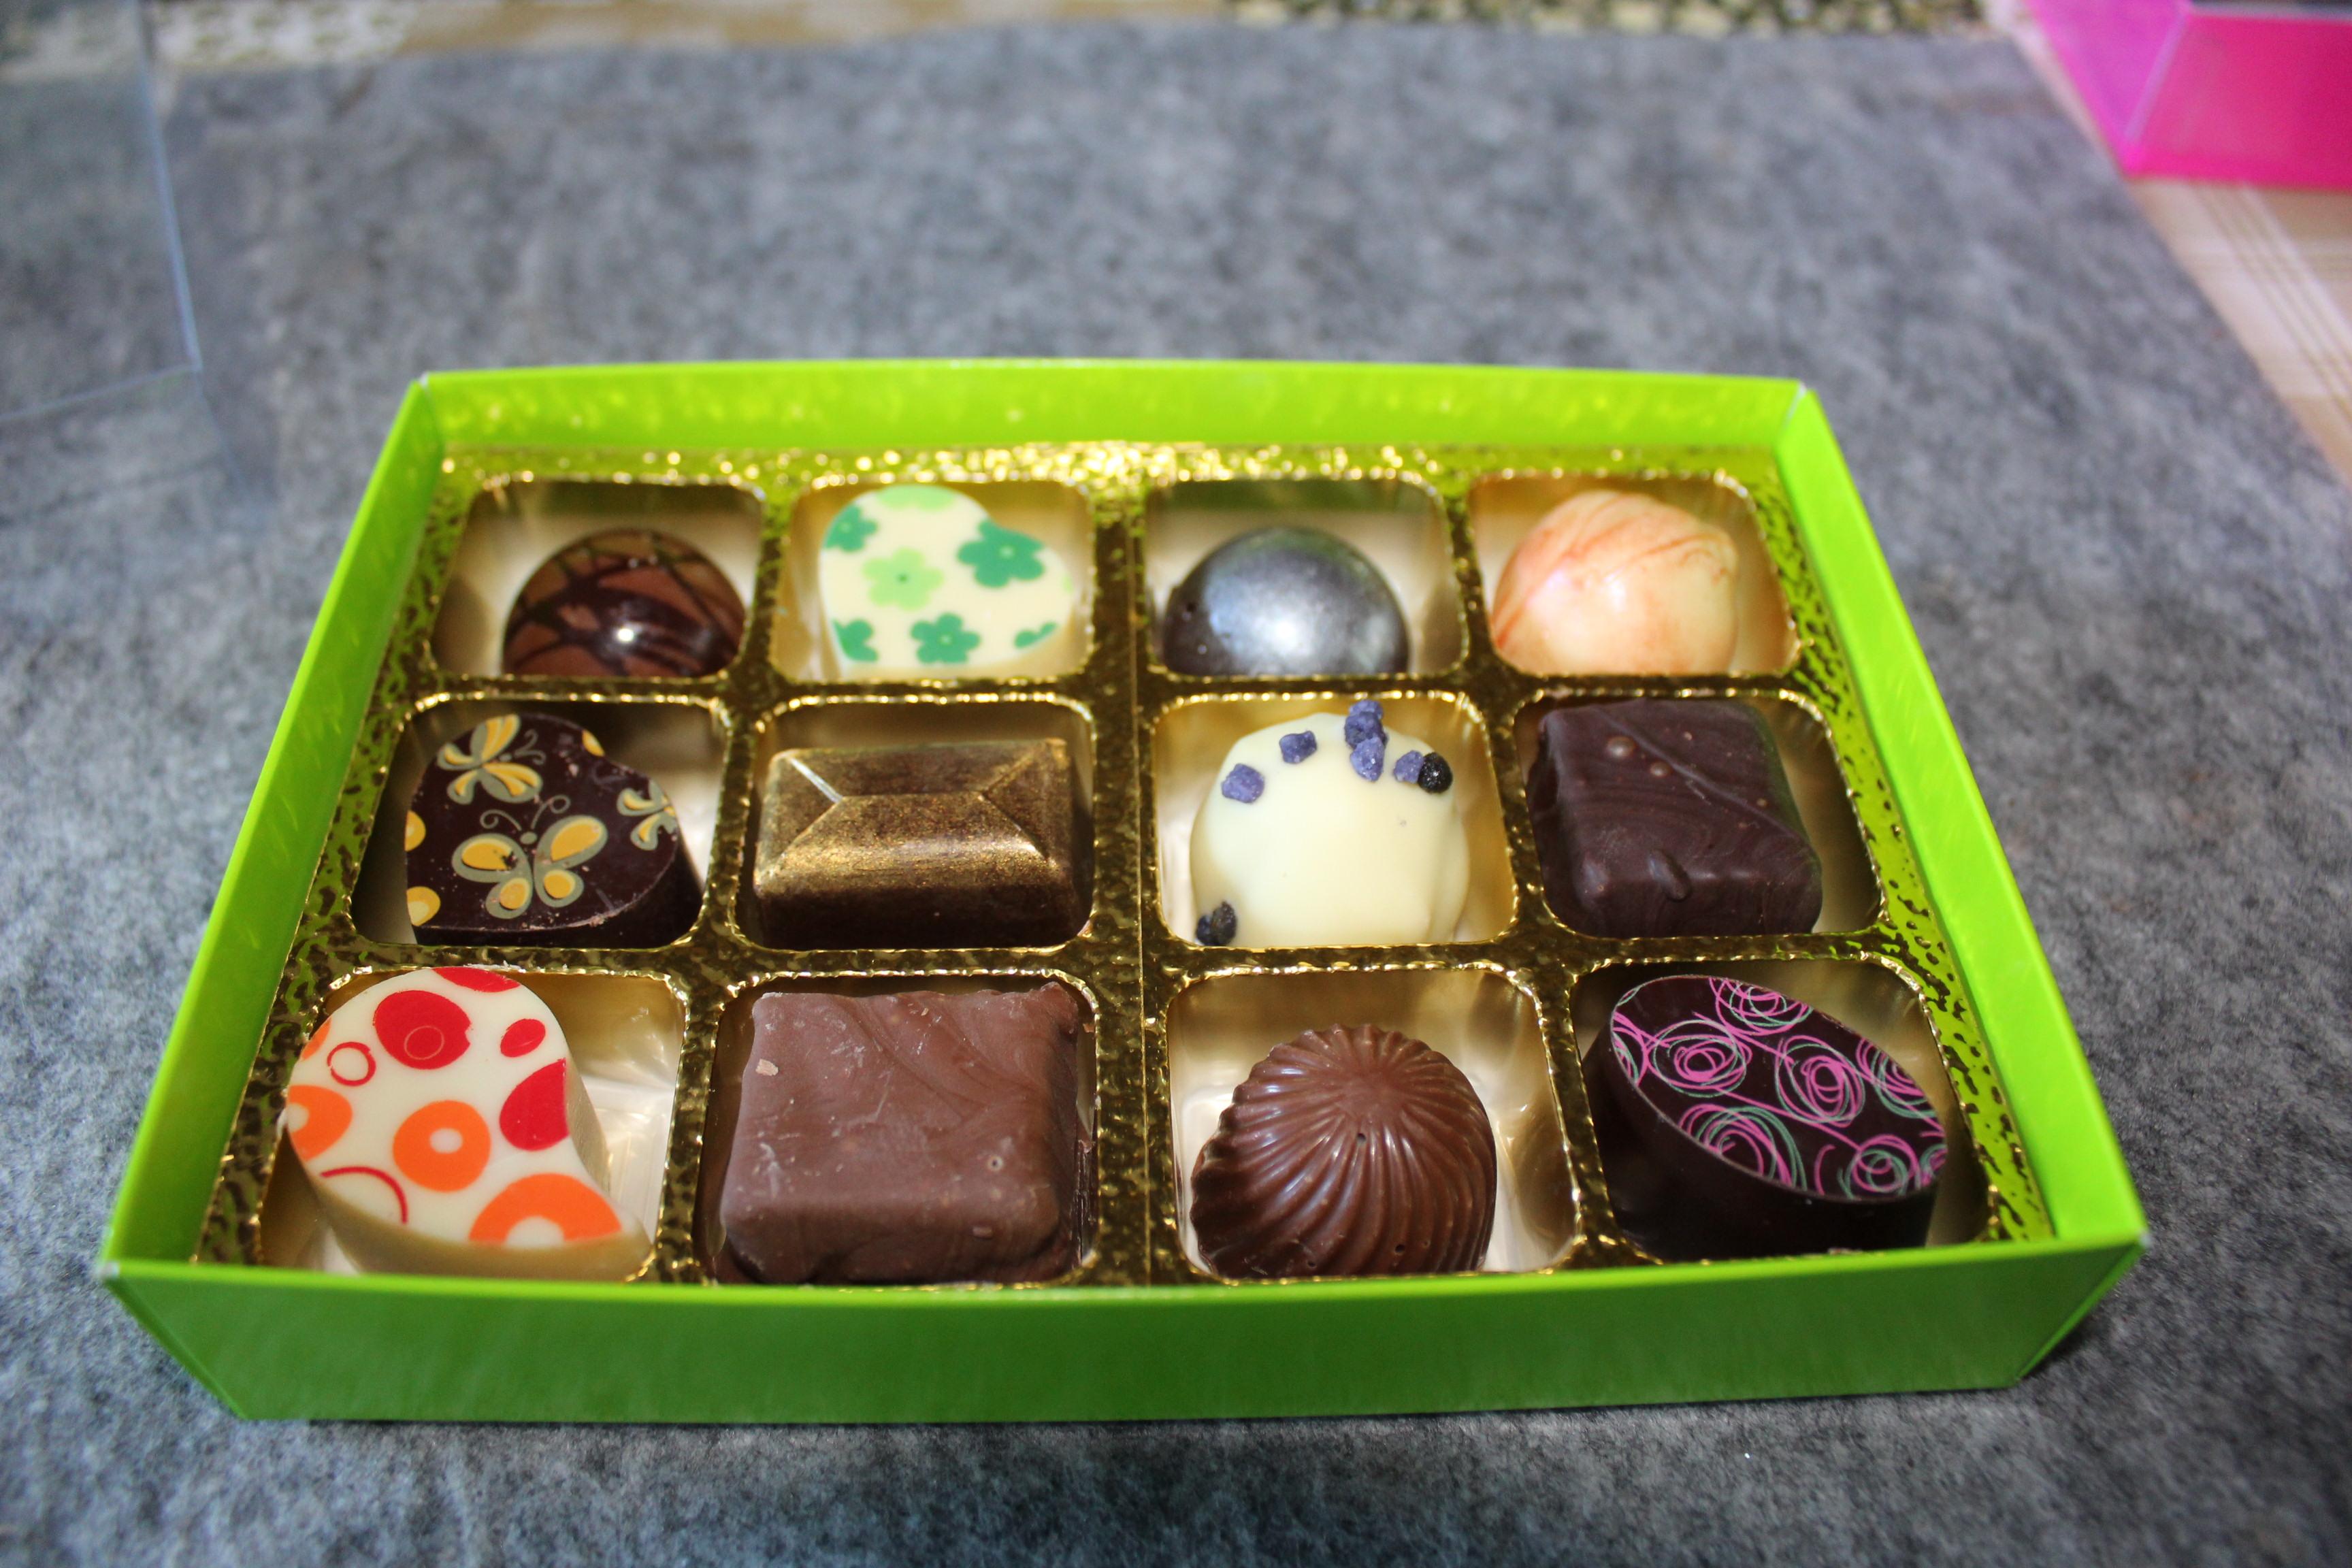 Large mixed box